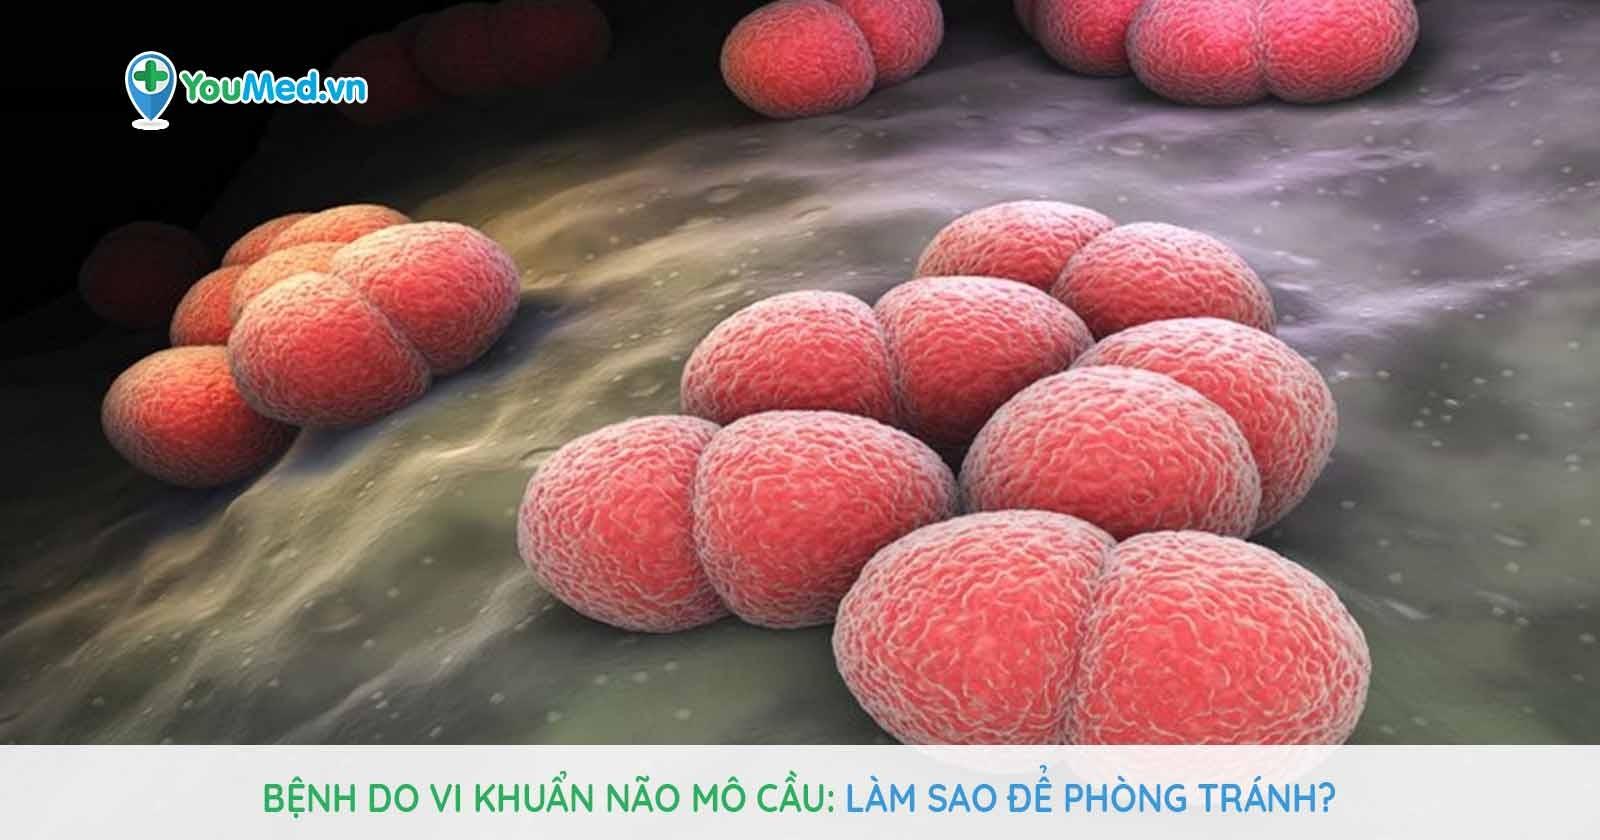 Bệnh do vi khuẩn não mô cầu: Làm sao để phòng tránh?